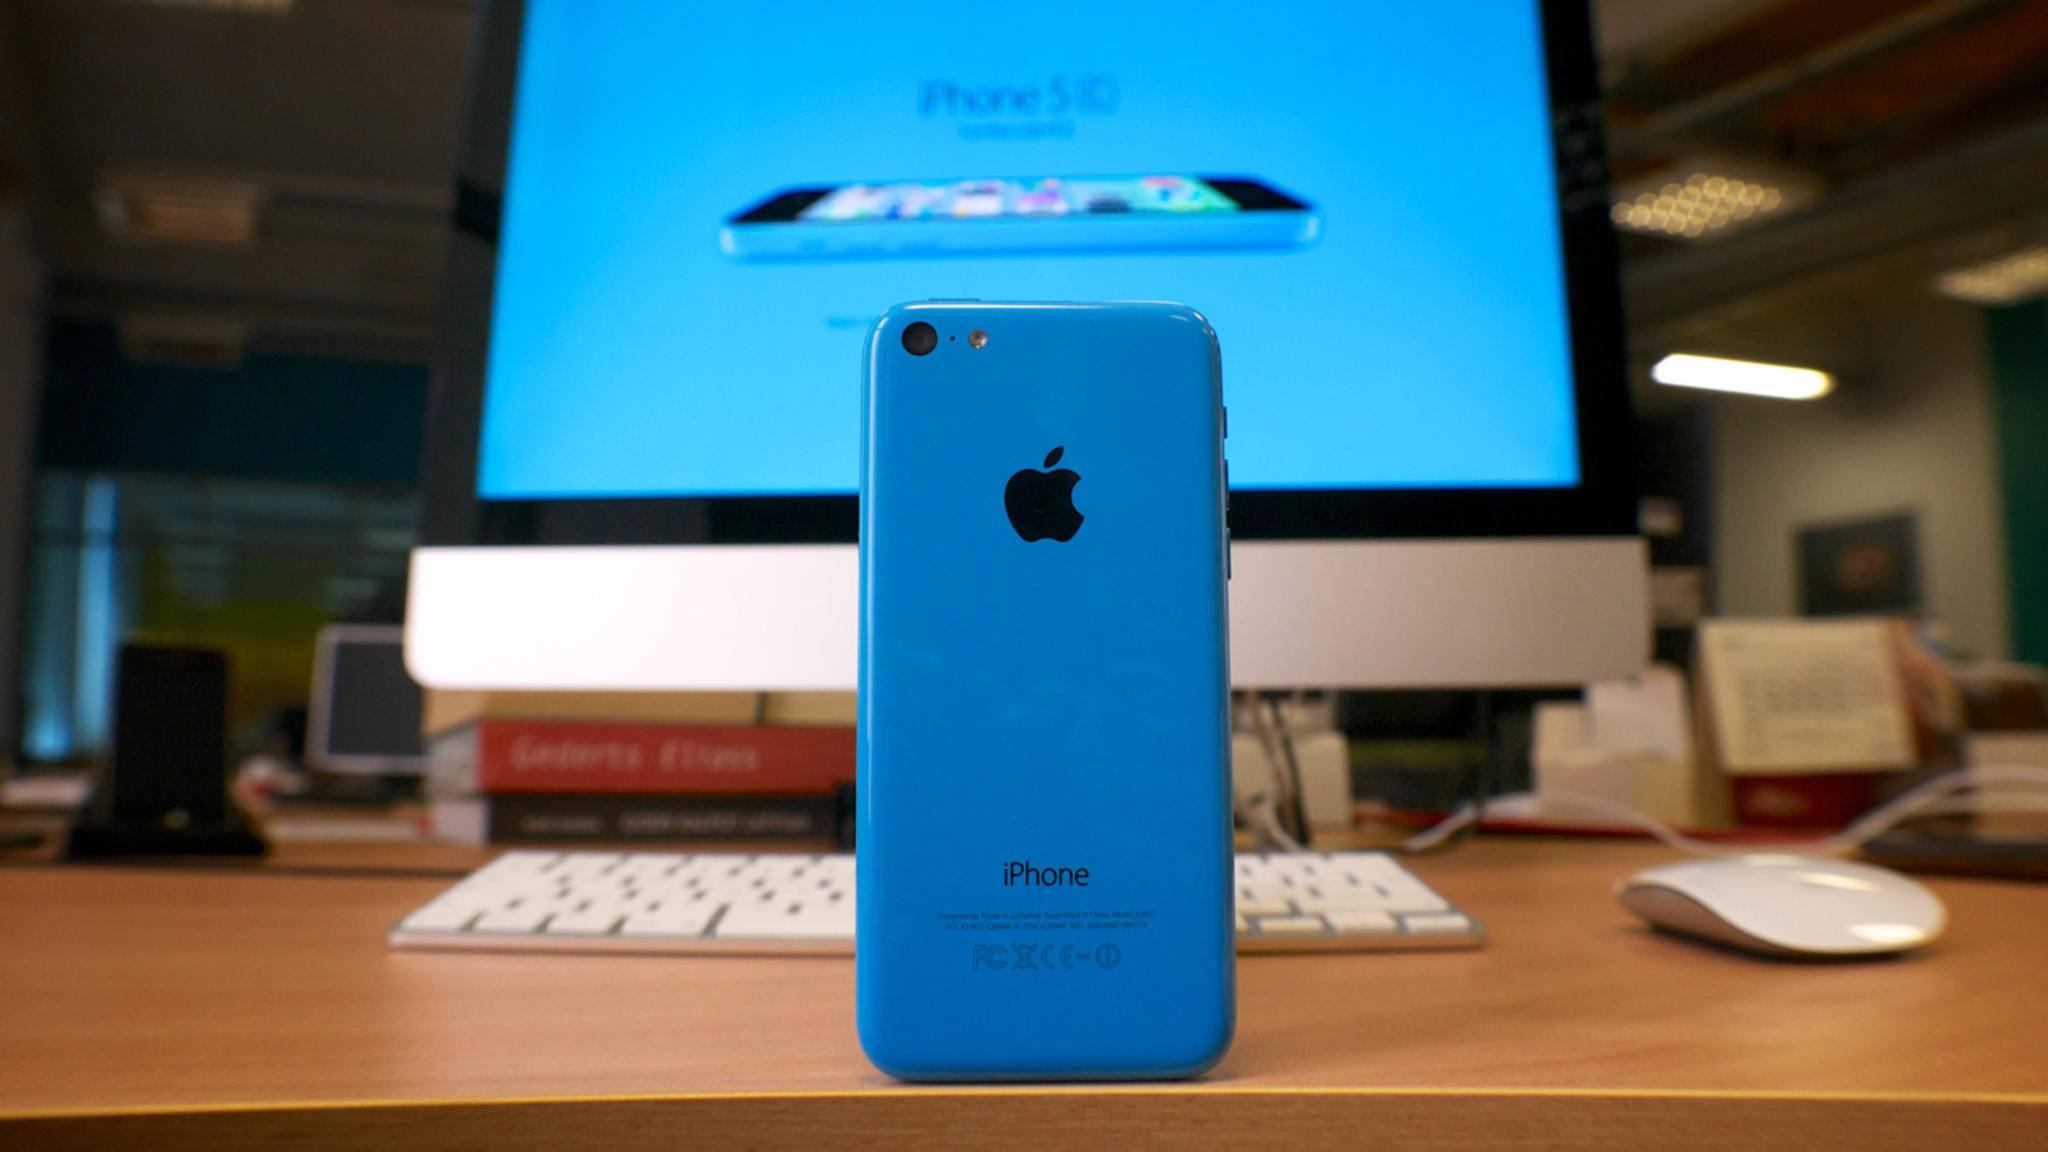 Vor rund einem Jahr versuchte das FBI verzweifelt, das iPhone eines Attentäters zu knacken.